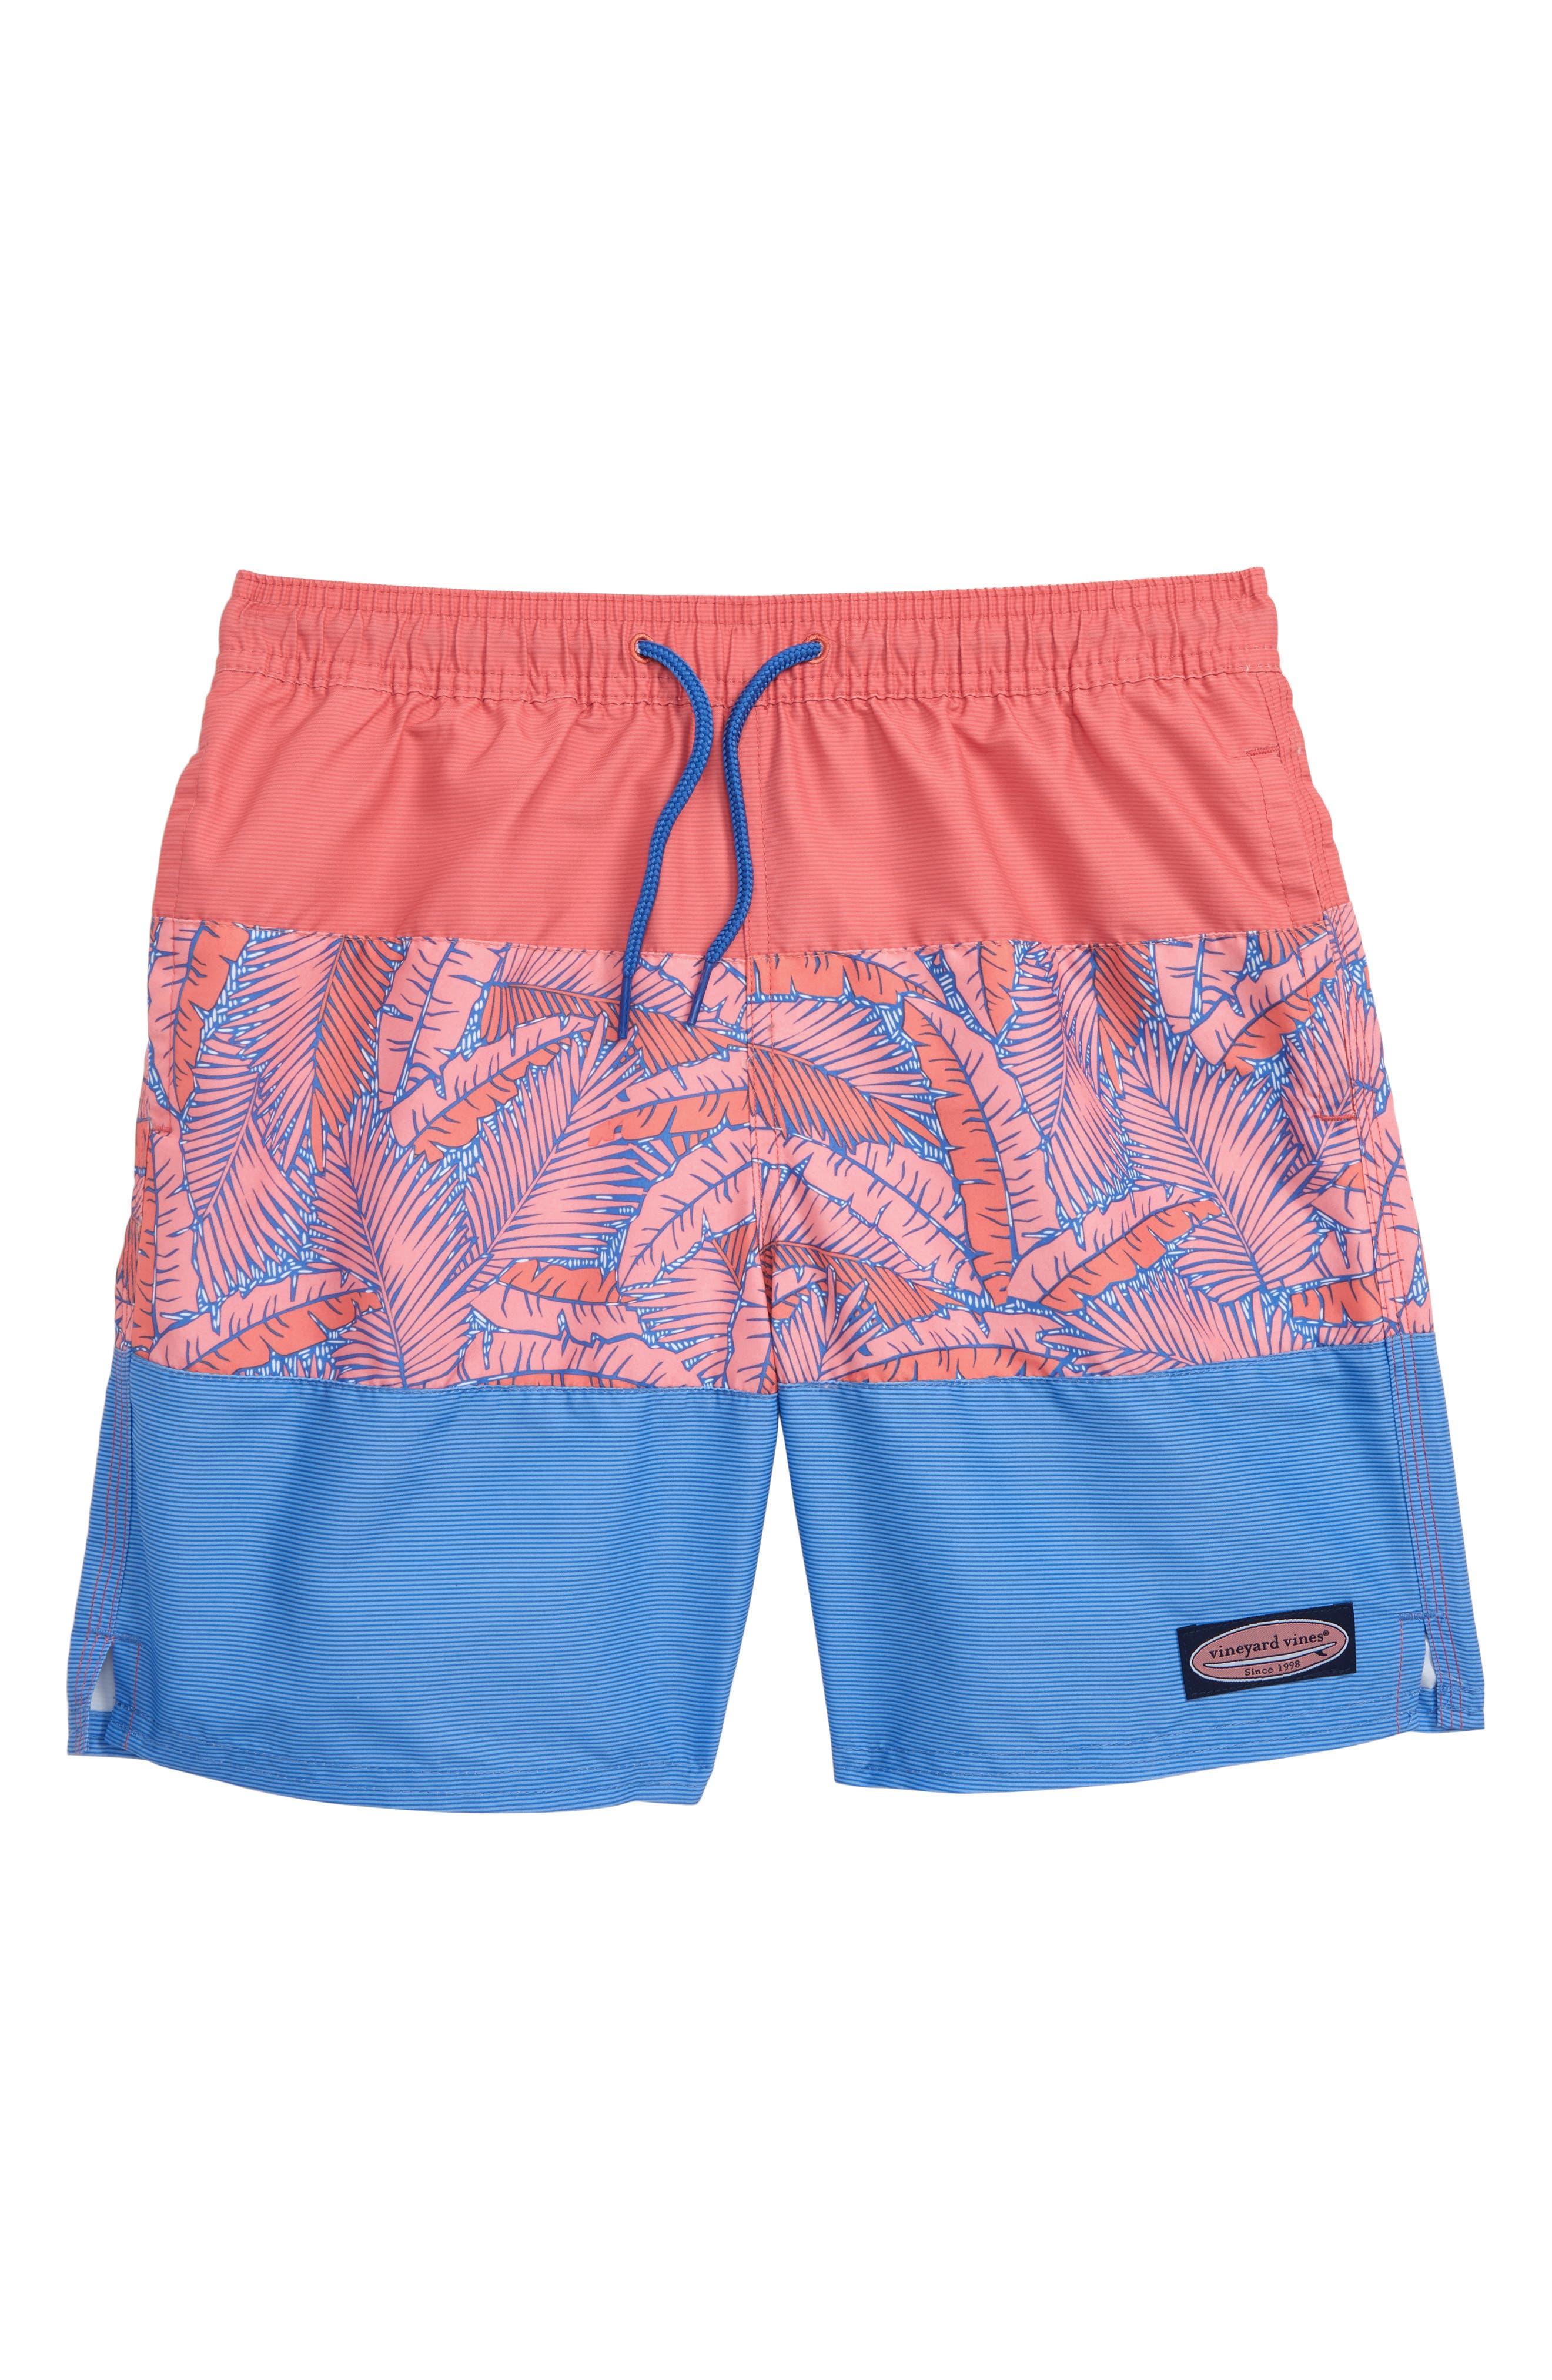 ac30259b8d Boy's Vineyard Vines Island Palm Pieced Chappy Swim Trunks, Size S (8-10) -  Pink